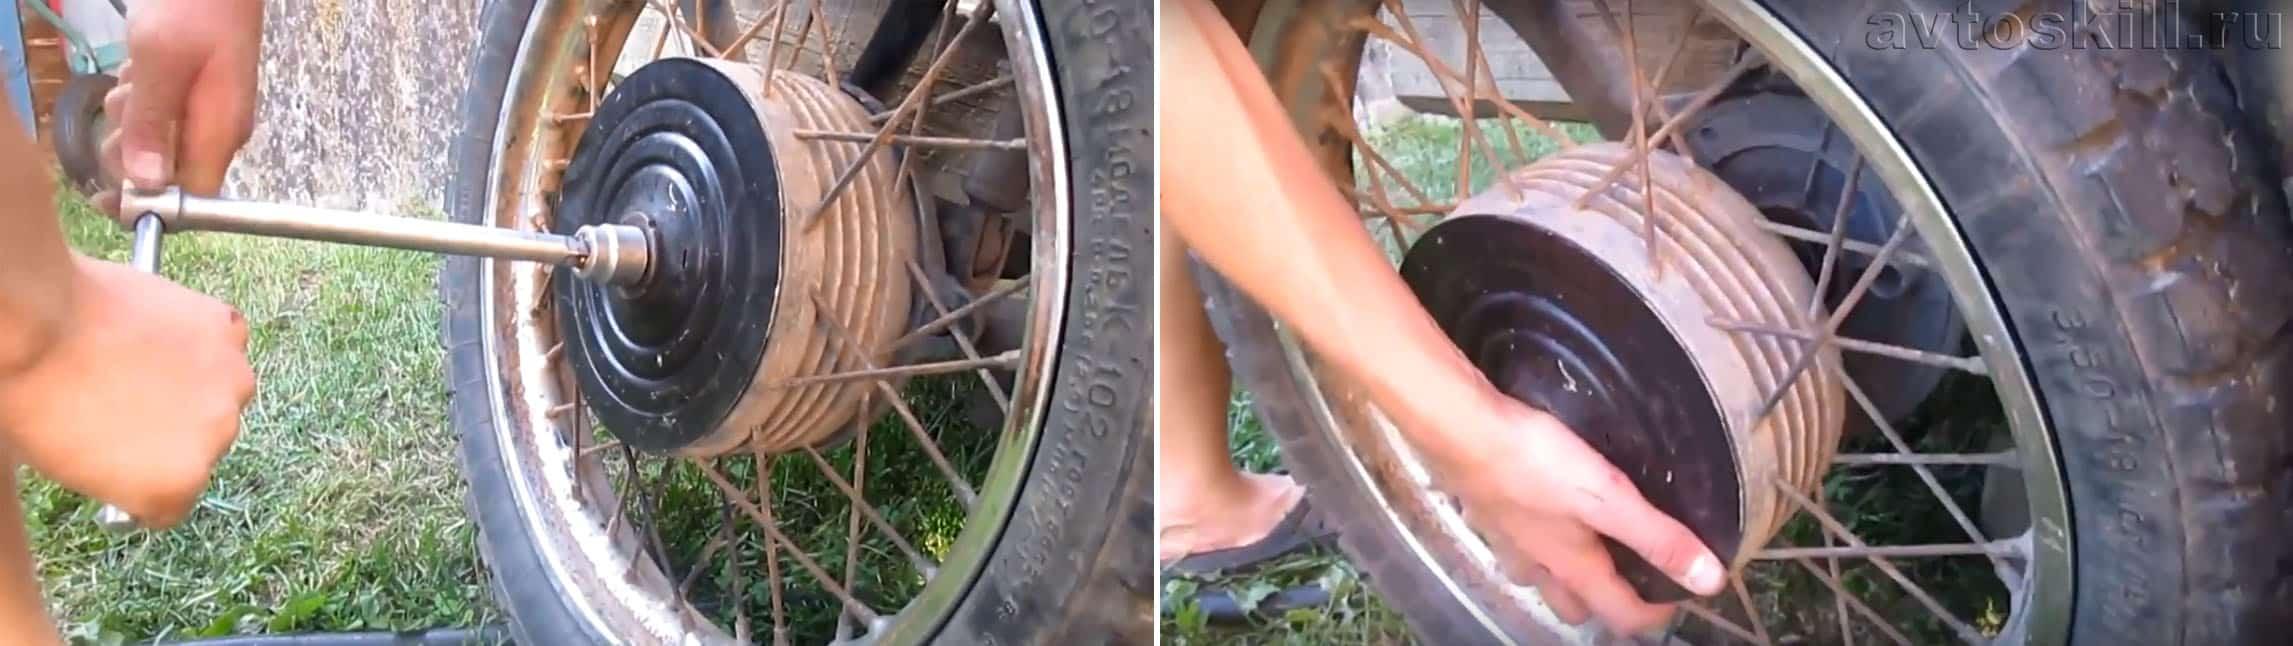 Снятие колеса коляски мотоцикла ИЖ